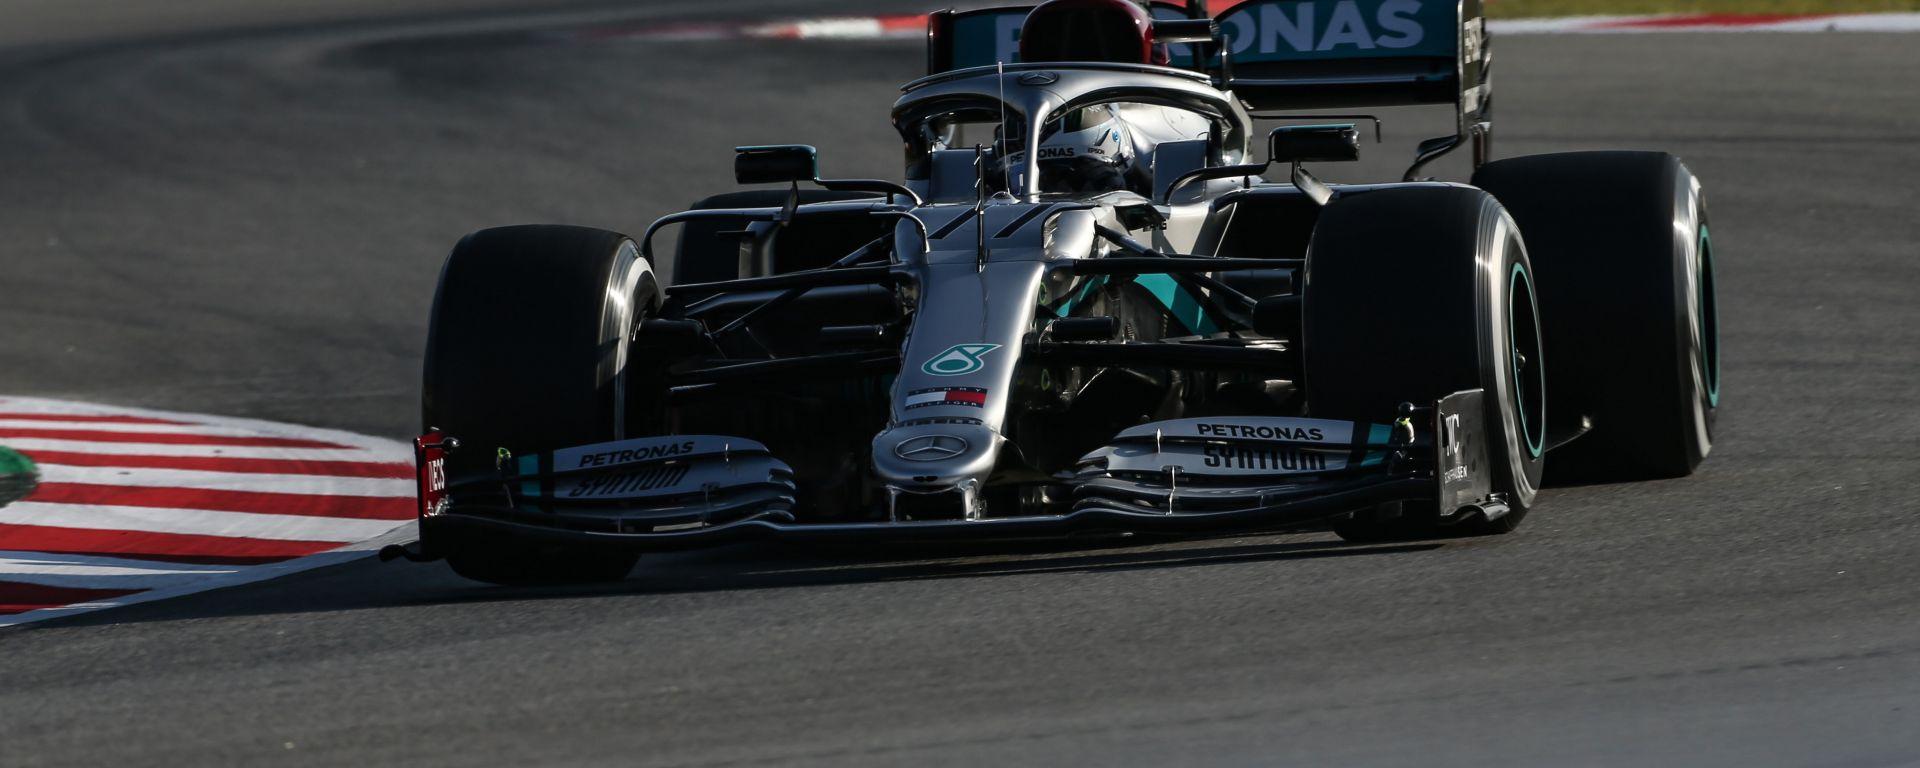 F1 Test Barcellona 2020, Day-3: Valtteri Bottas è stato il più veloce della prima sessione di test